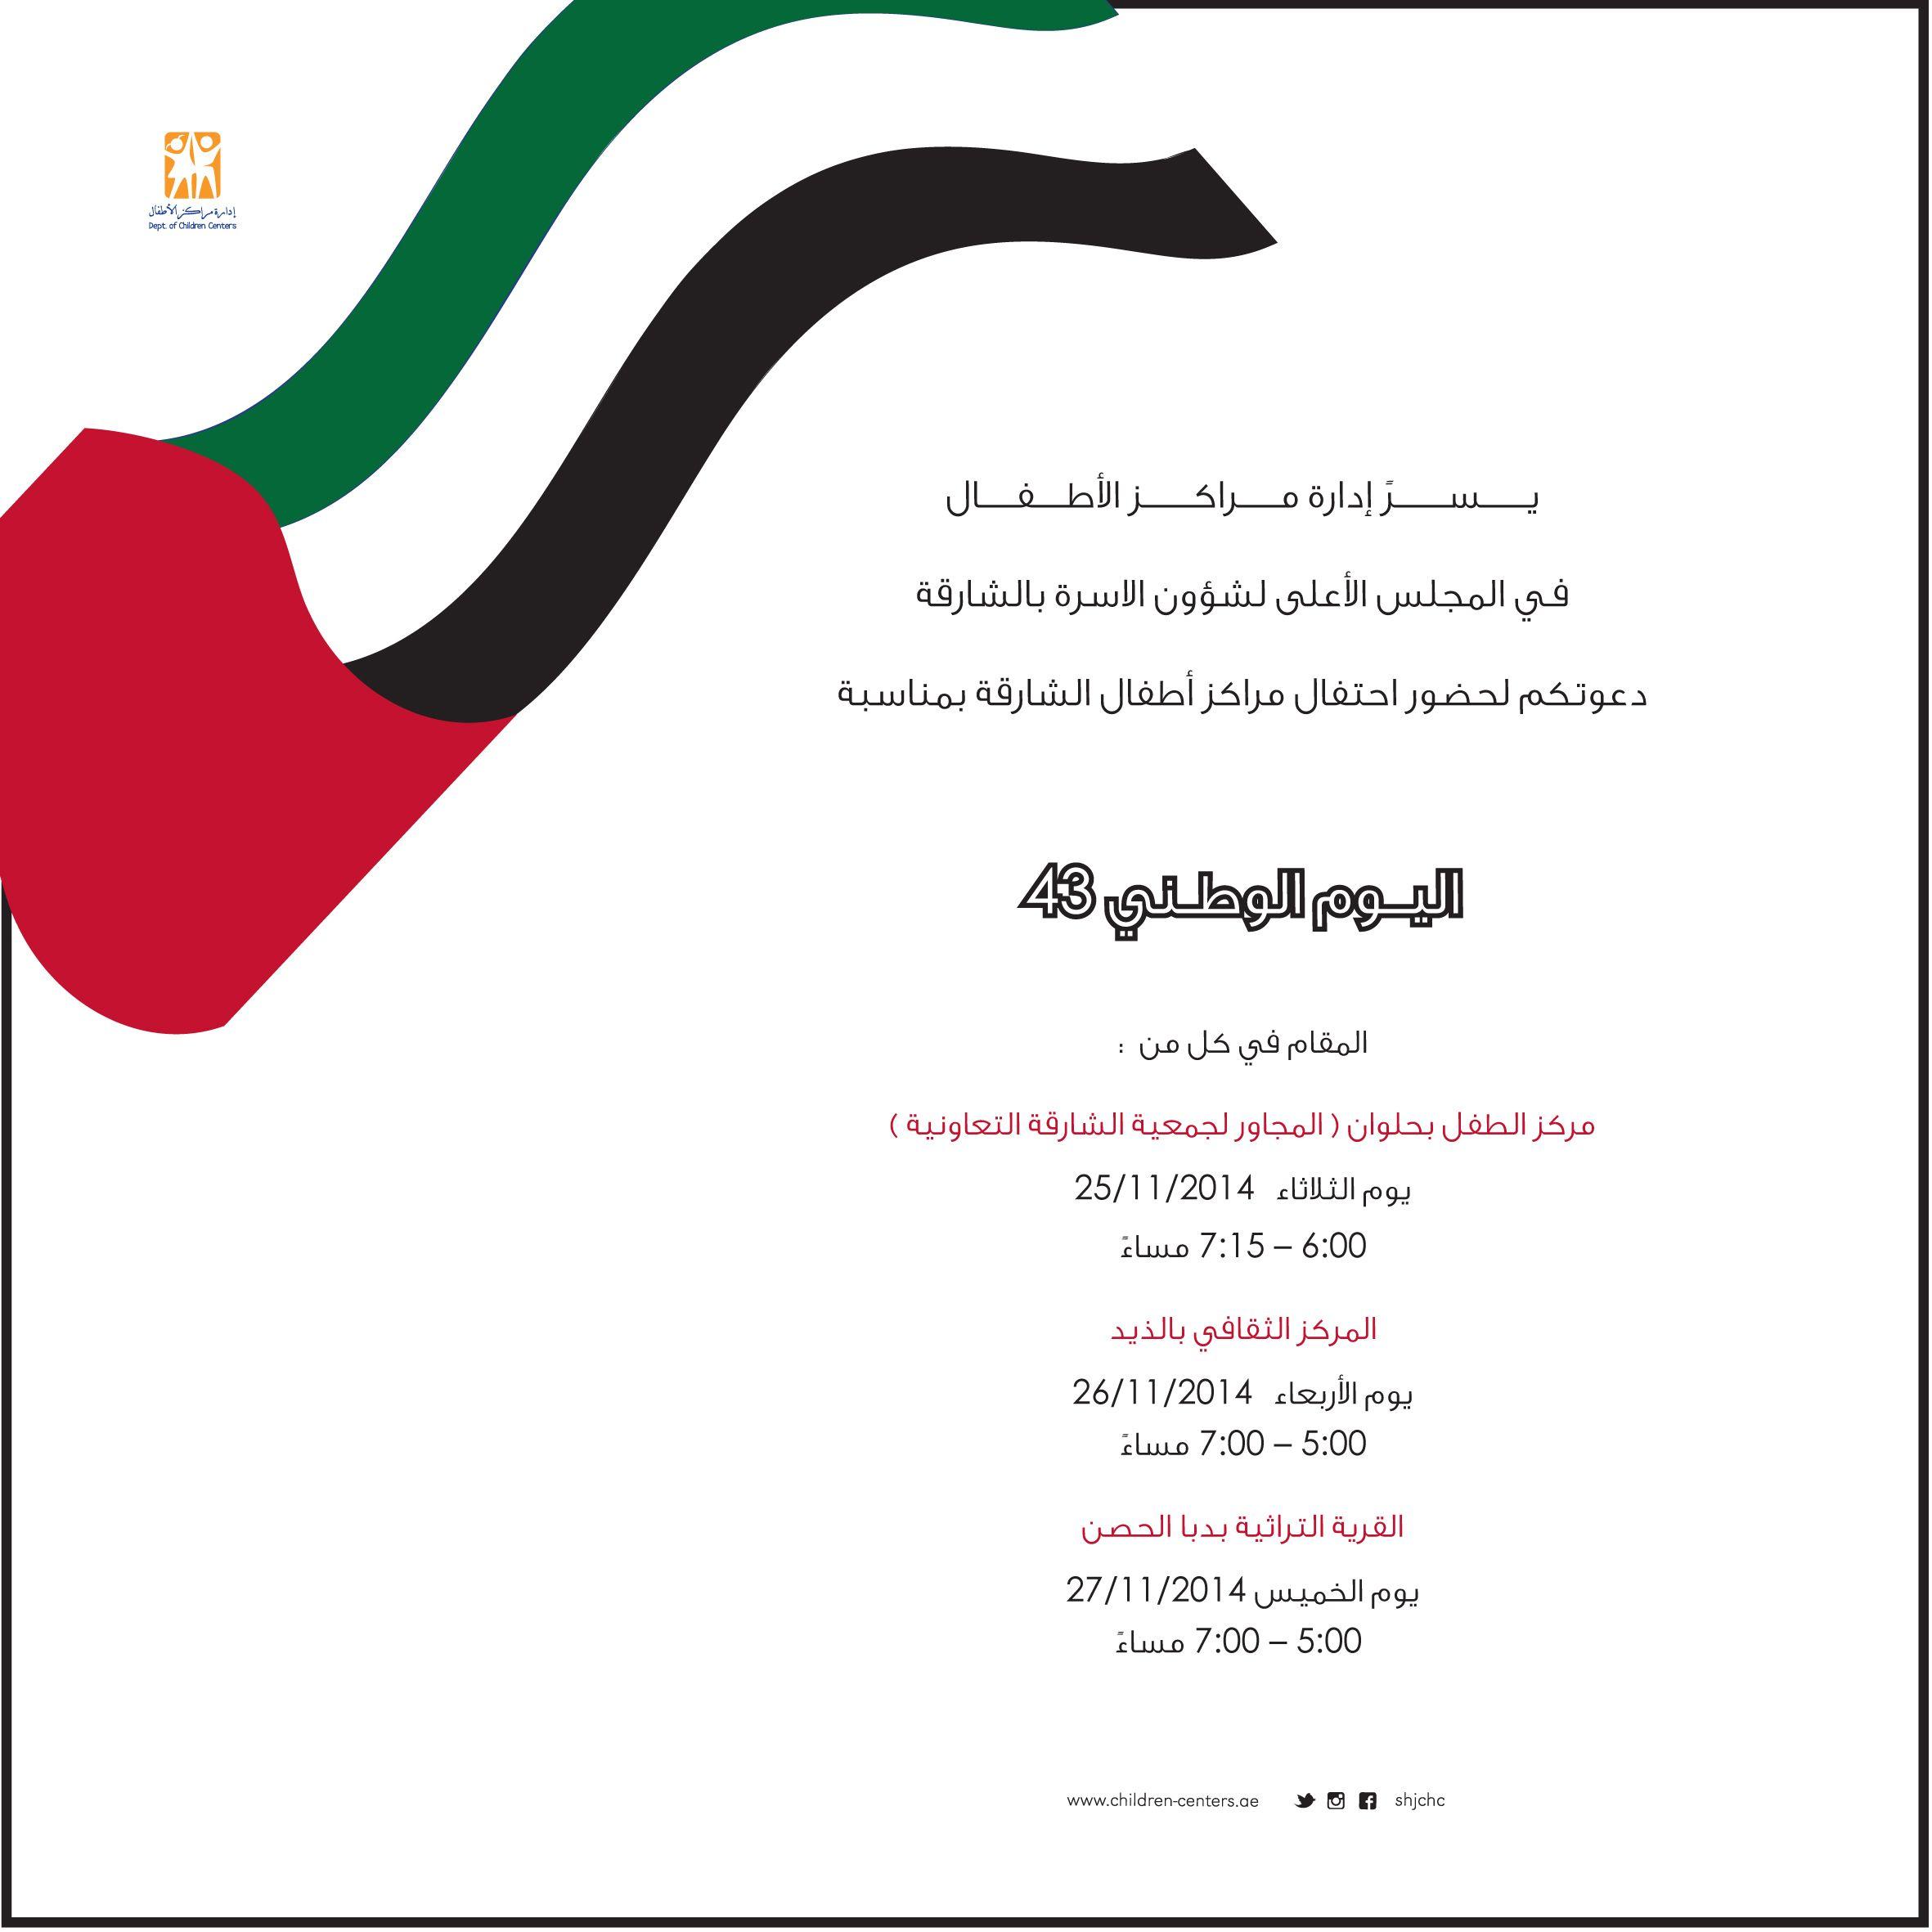 دعوة لحضور احتفالات مراكز الاطفال بالشارقة بمناسبة اليوم الوطني 43 Tech Company Logos Company Logo Logos